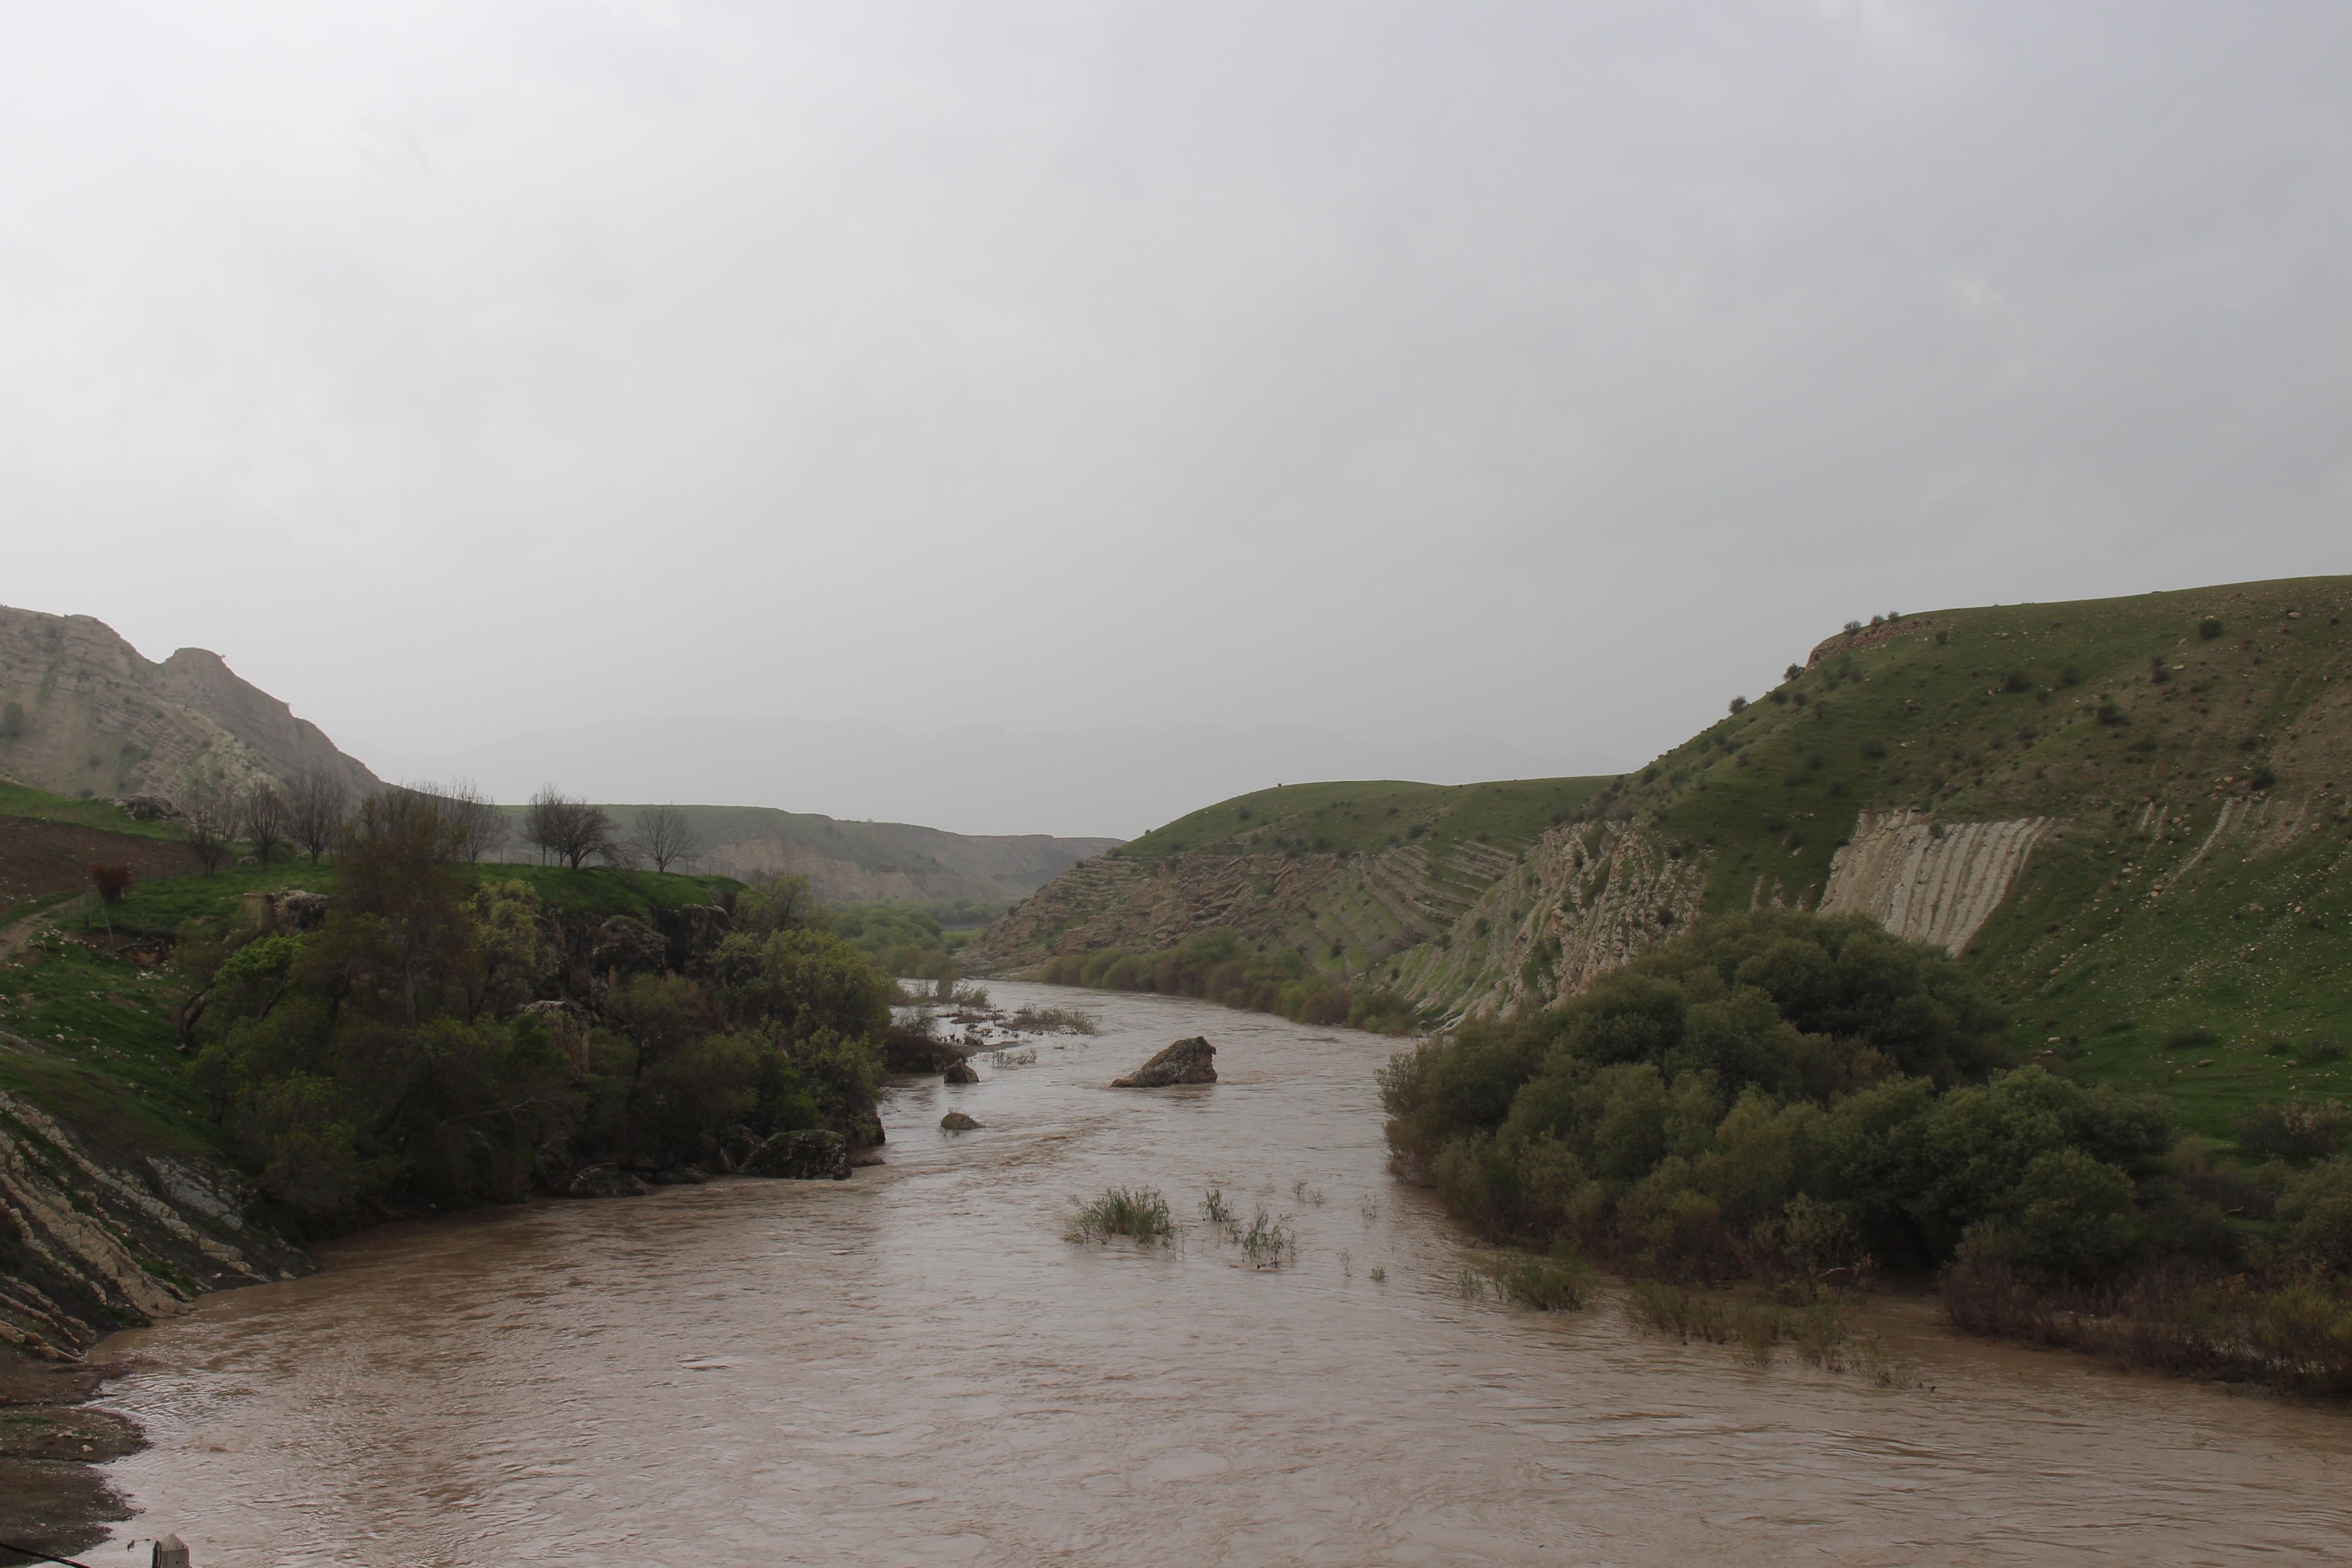 حجم آب سیمره ۴برابر افزایش یافت